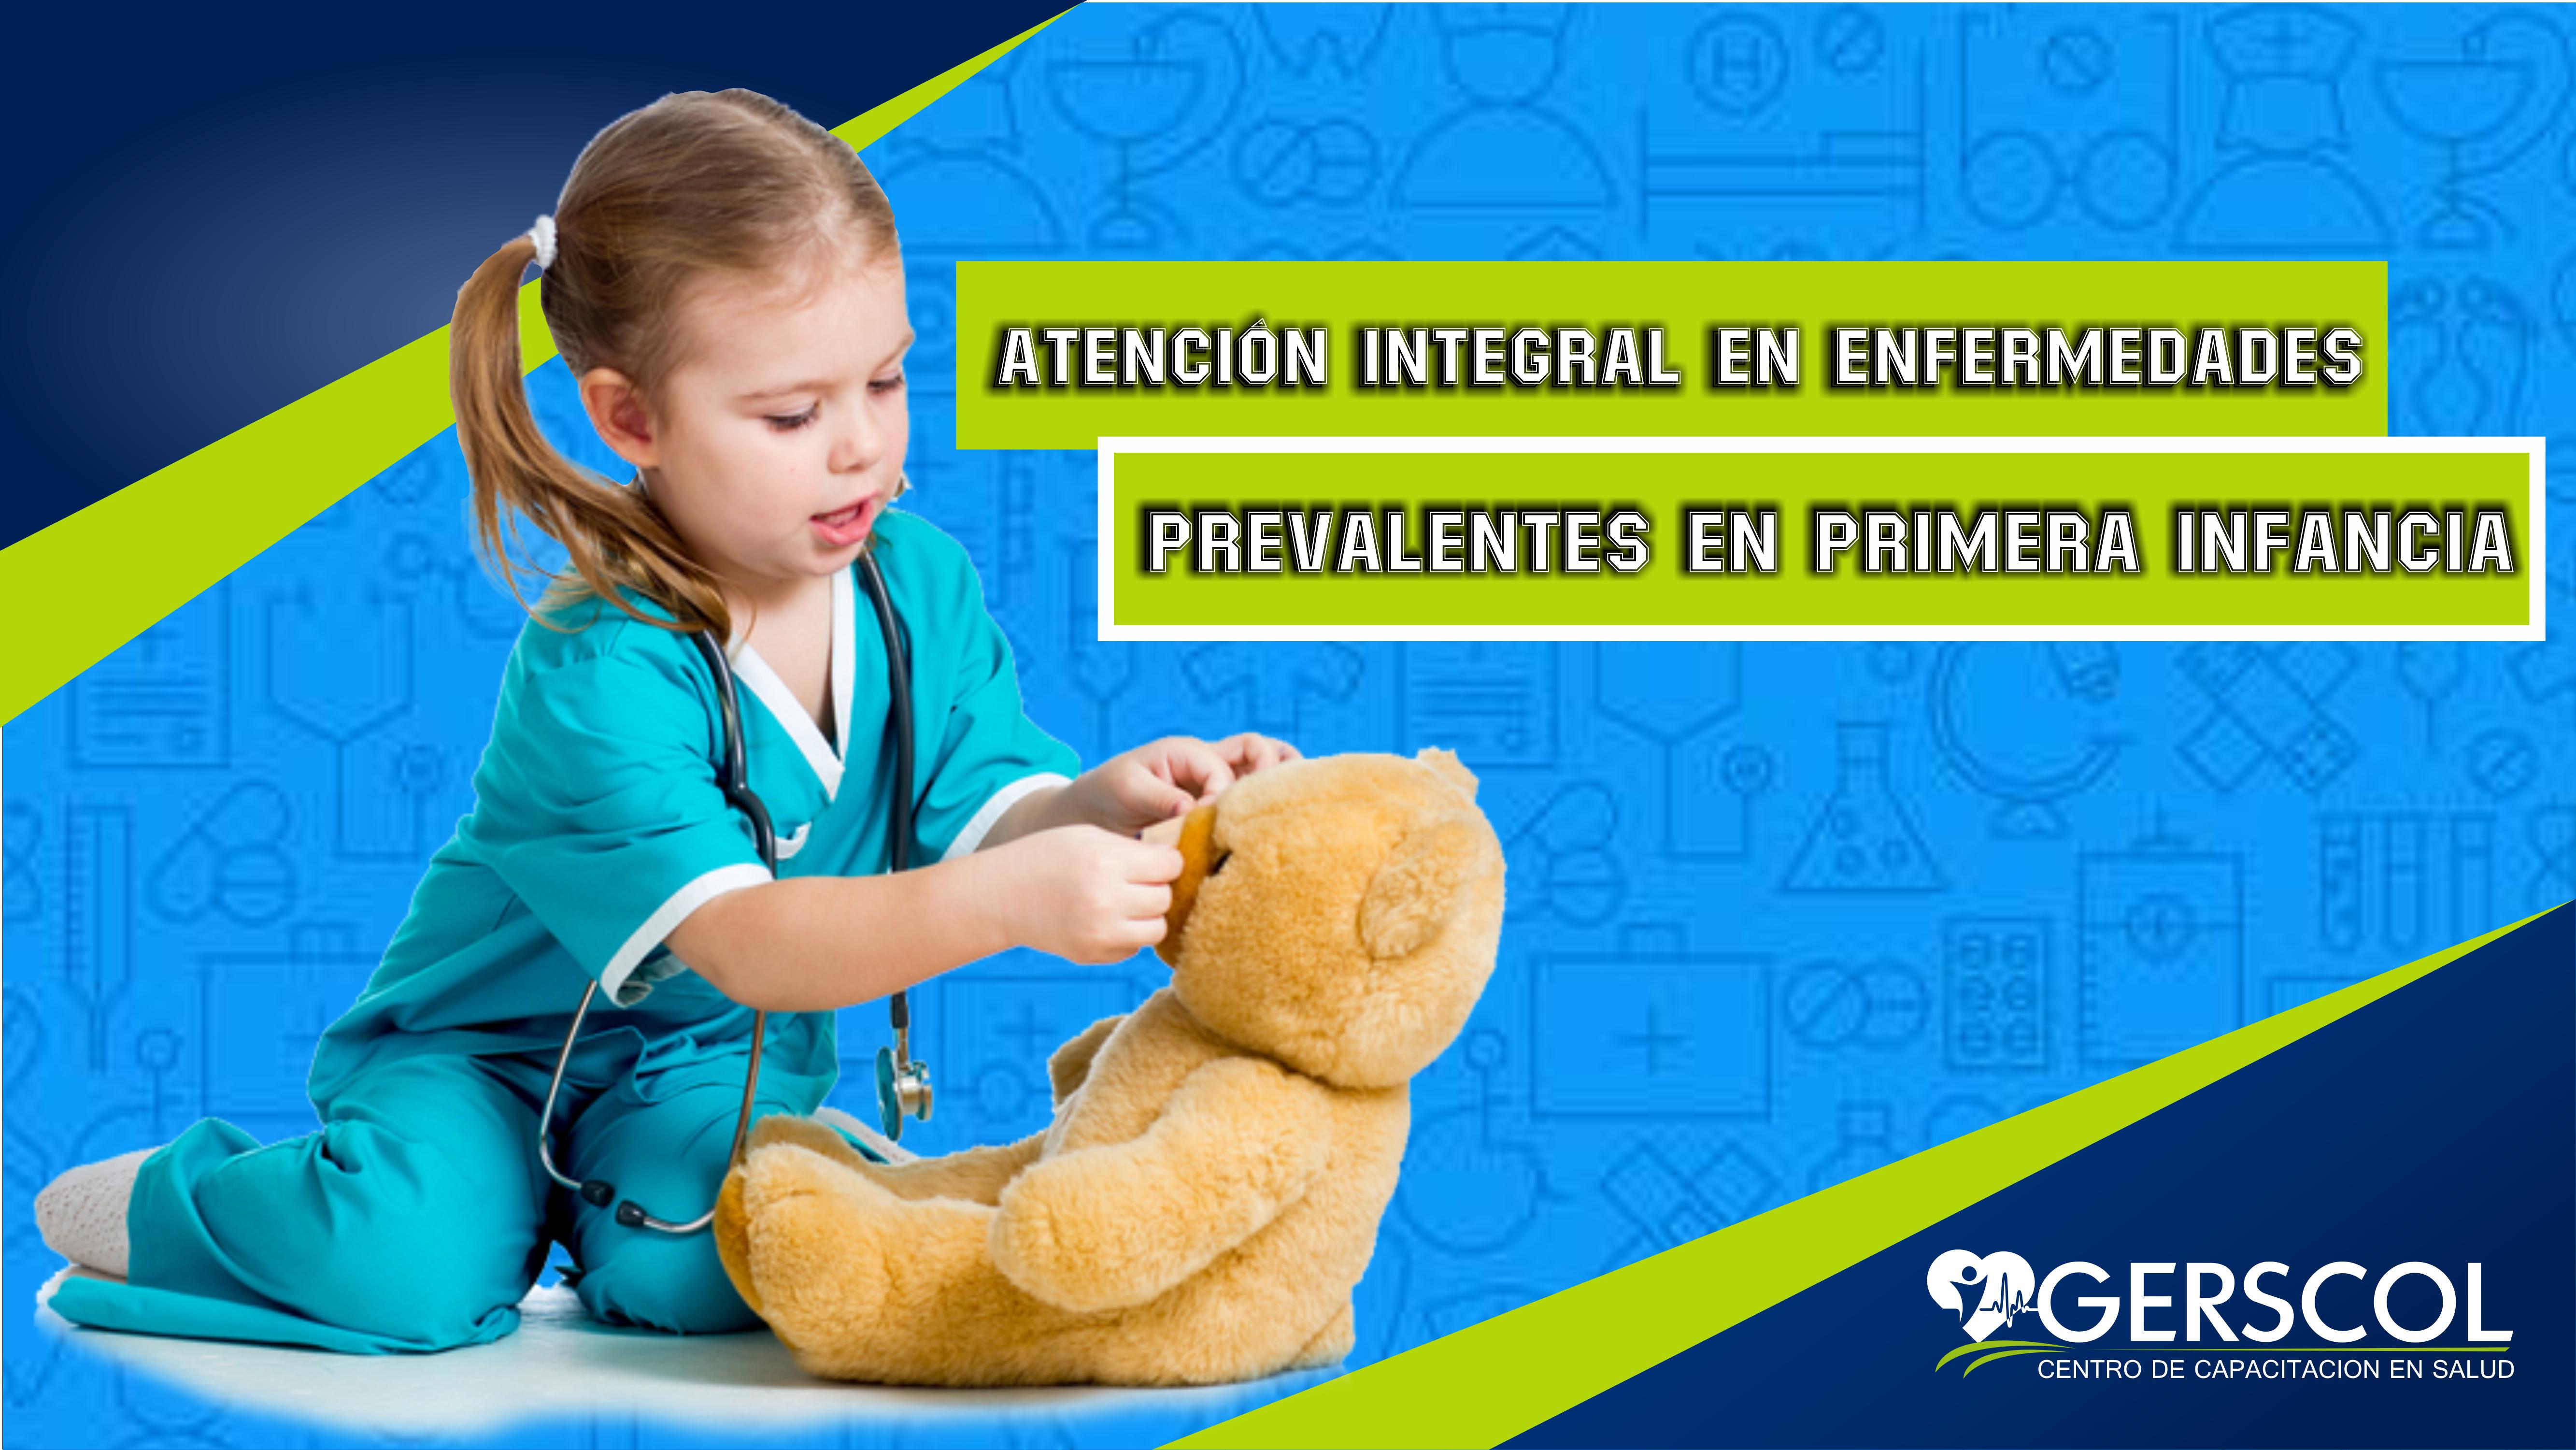 Atencion integral en enfermedades prevalentes en primera infancia